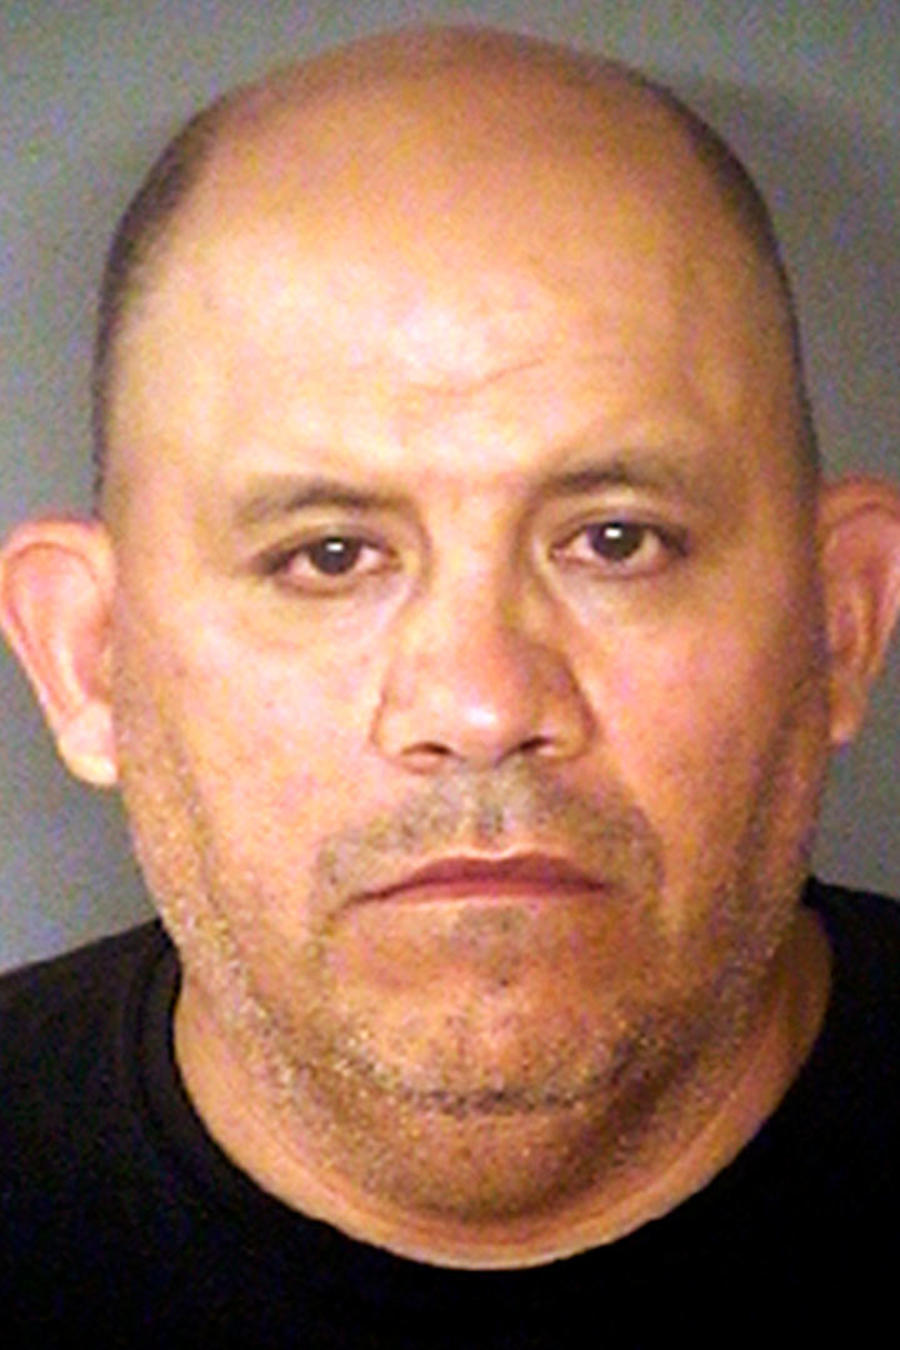 José Nuñez, de 47 años, está acusado de abusar sexualmente de una menor de 4 años.